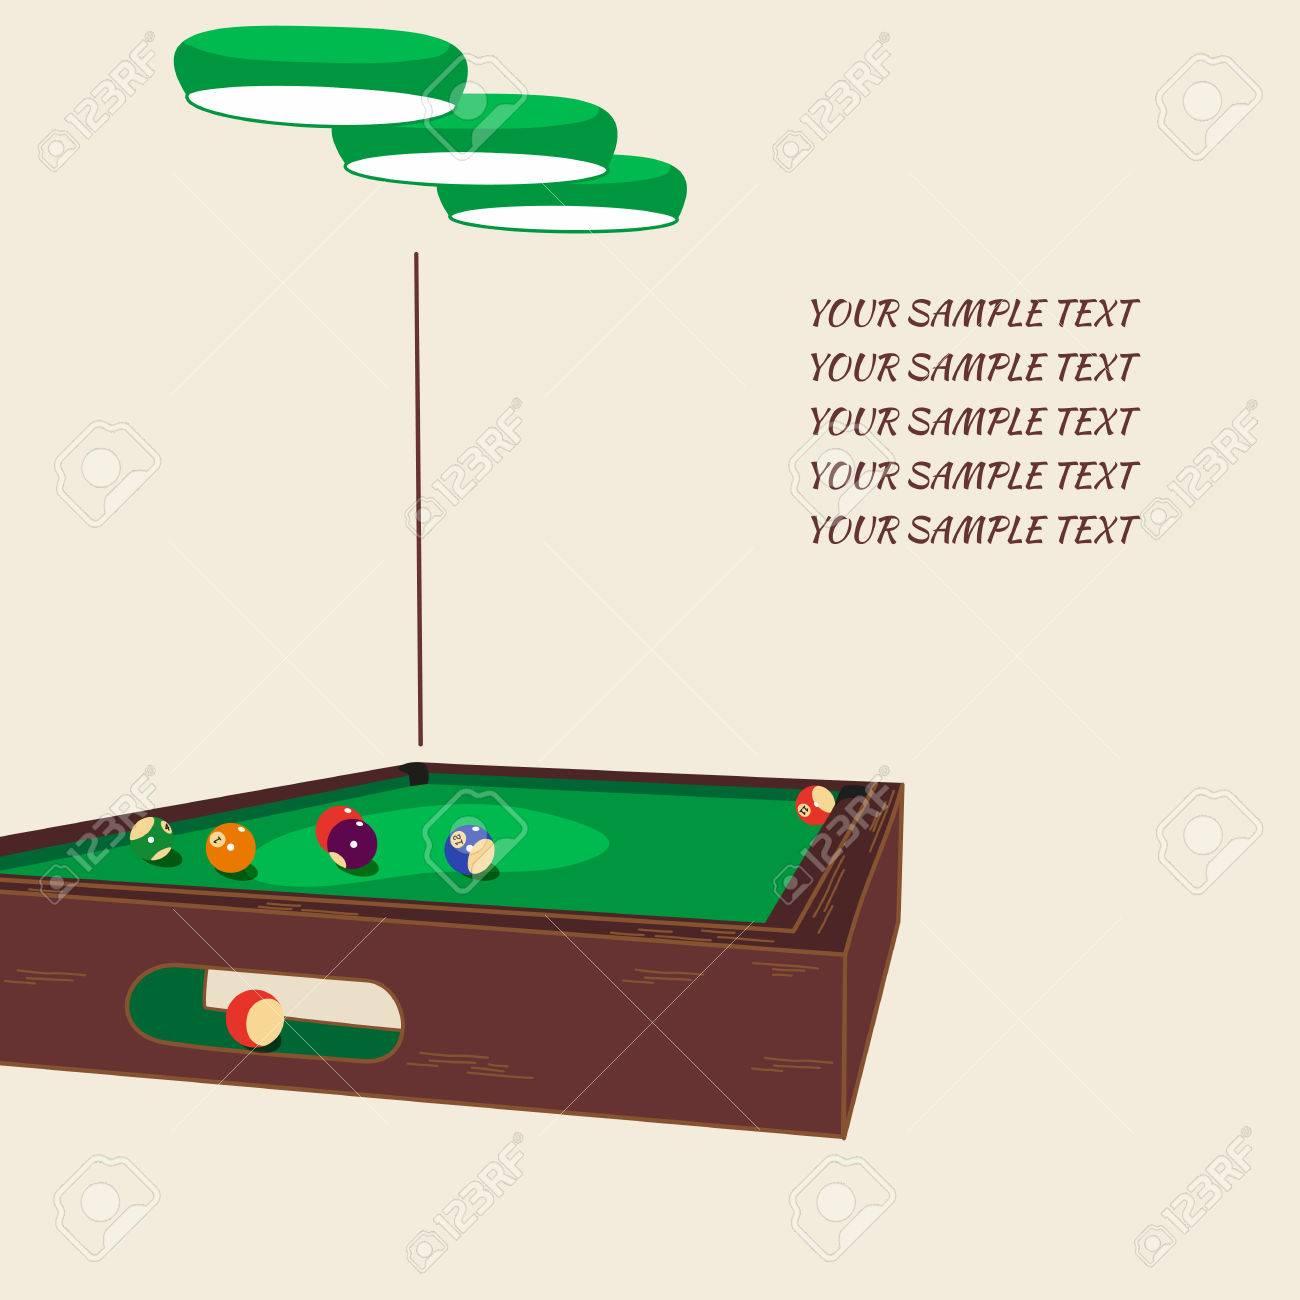 Tableau Avec Des Balles Et Des Equipements D Eclairage Pour Le